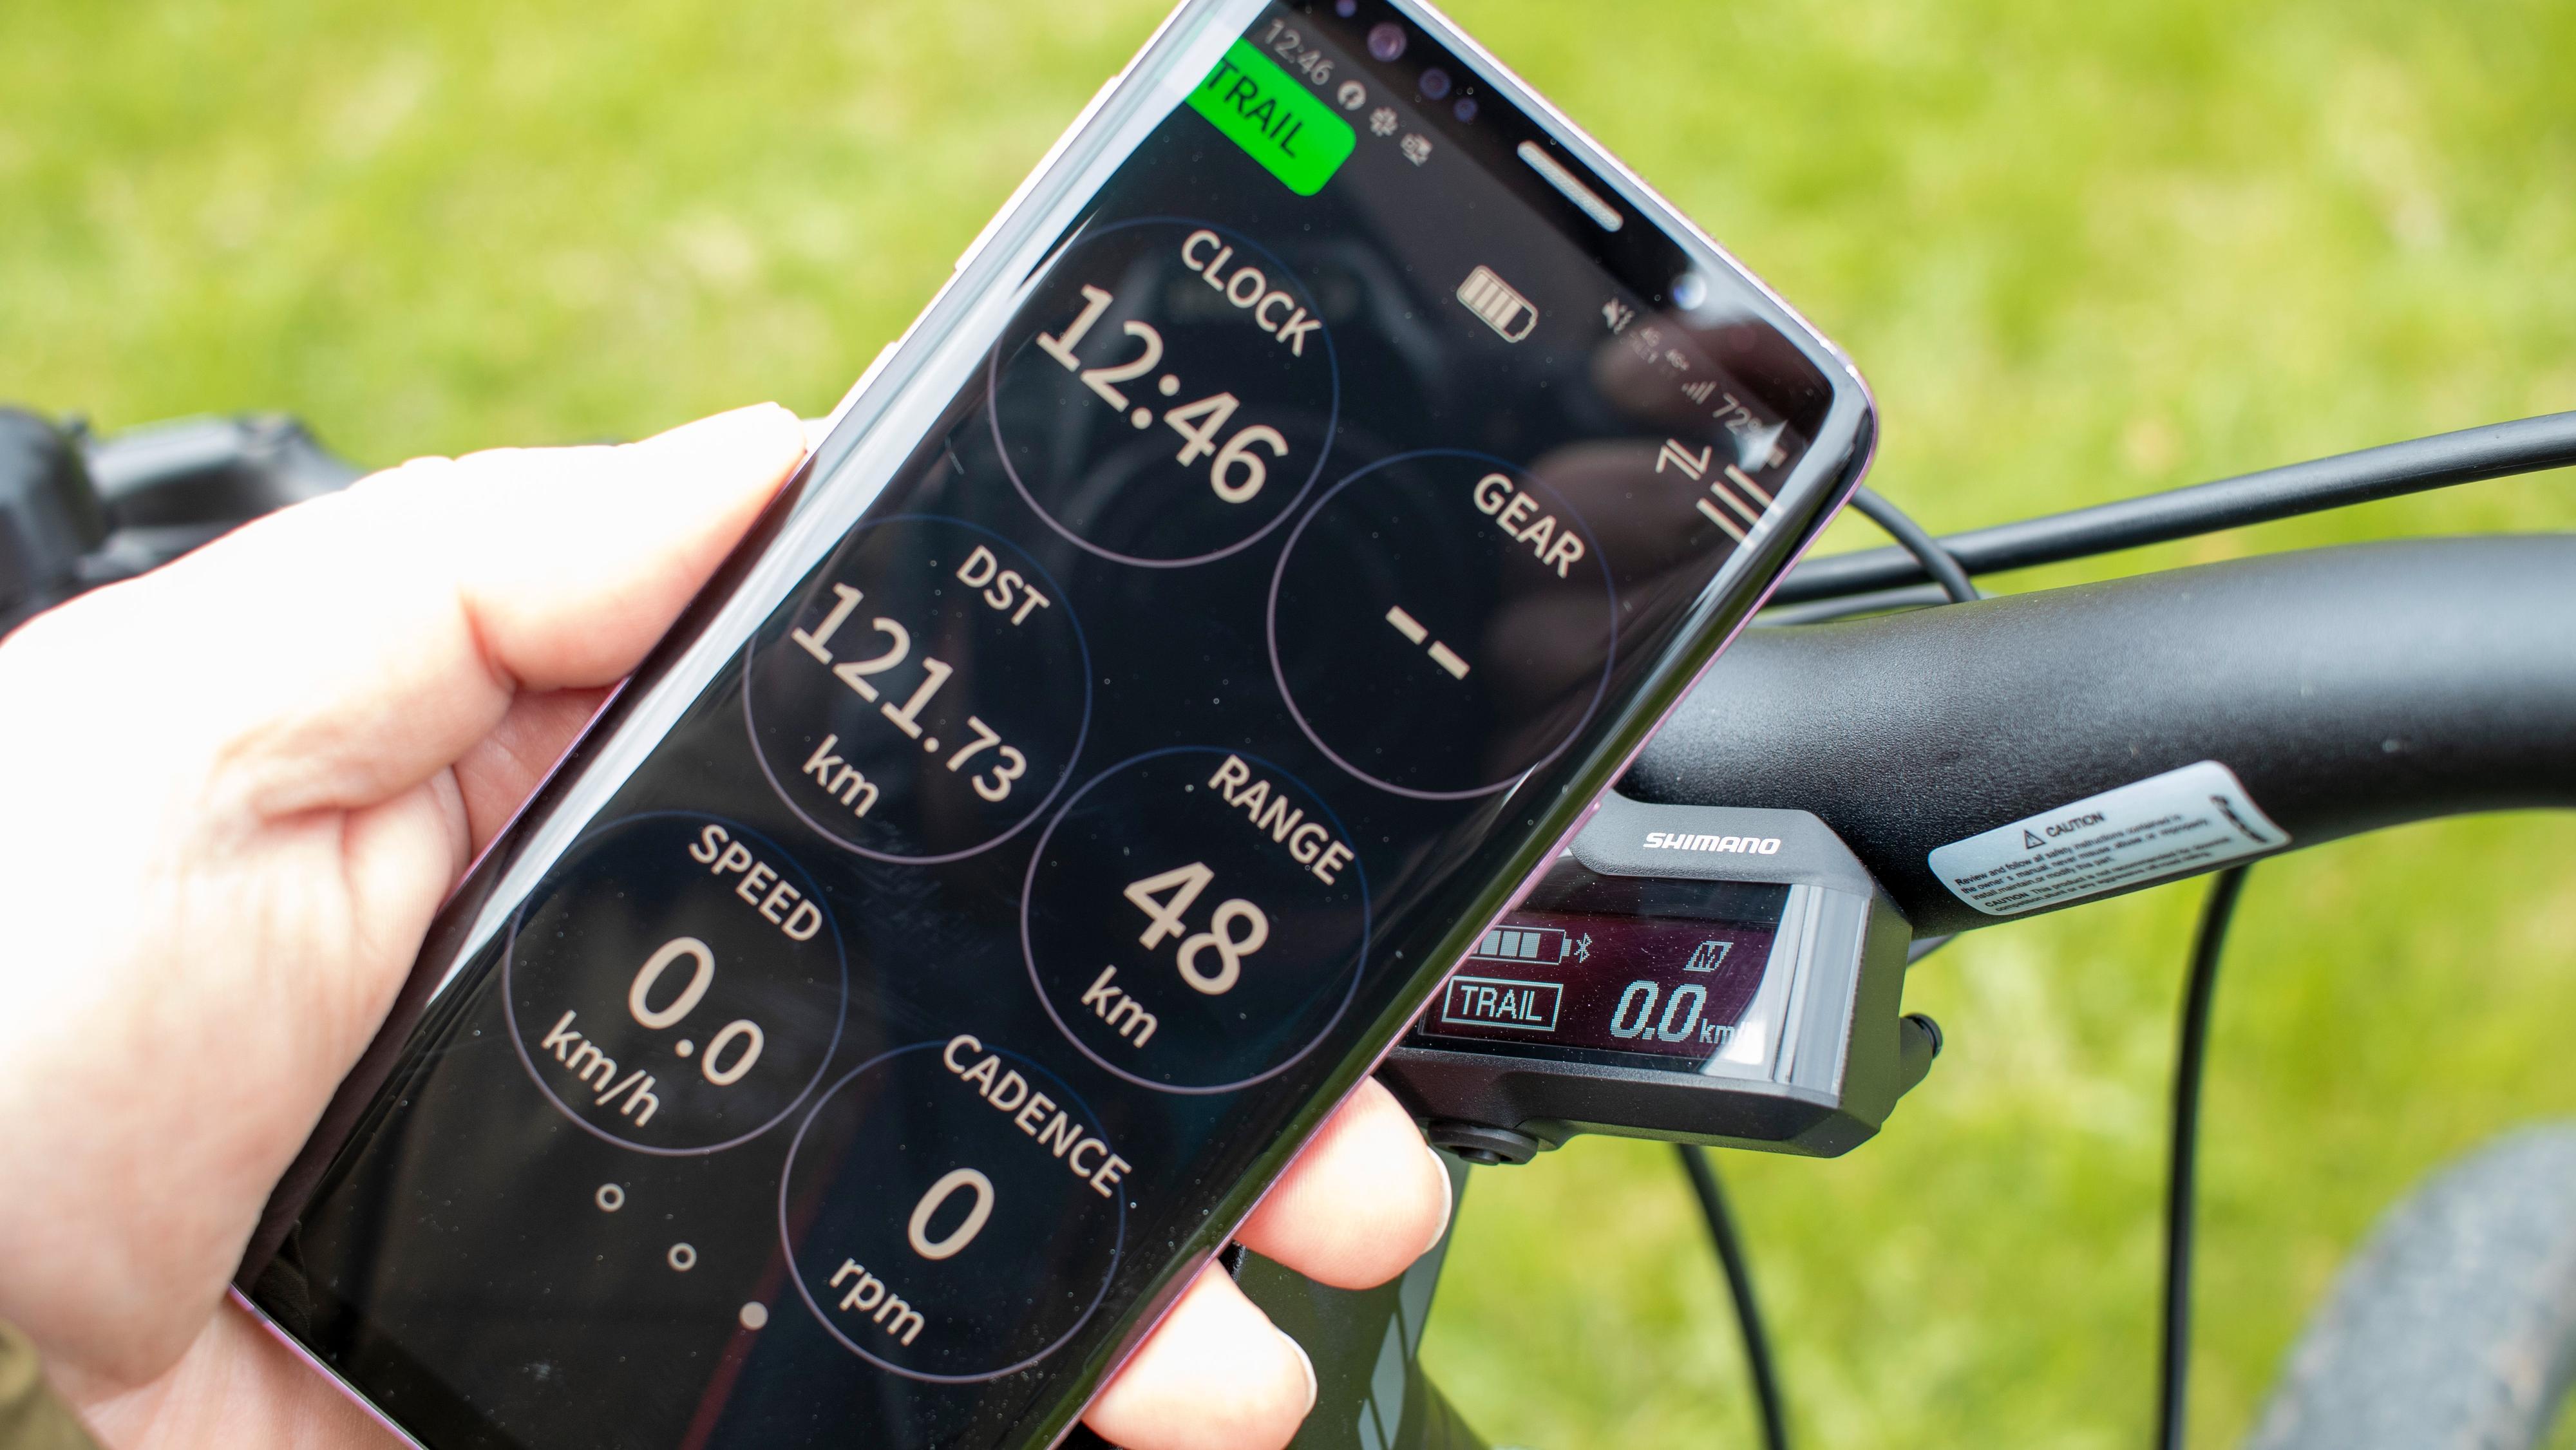 Alle modellene i testen med Shimano-motor kan få sensordata ut til en app på mobilen. En annen app kan brukes til å justere og oppdatere systemet.